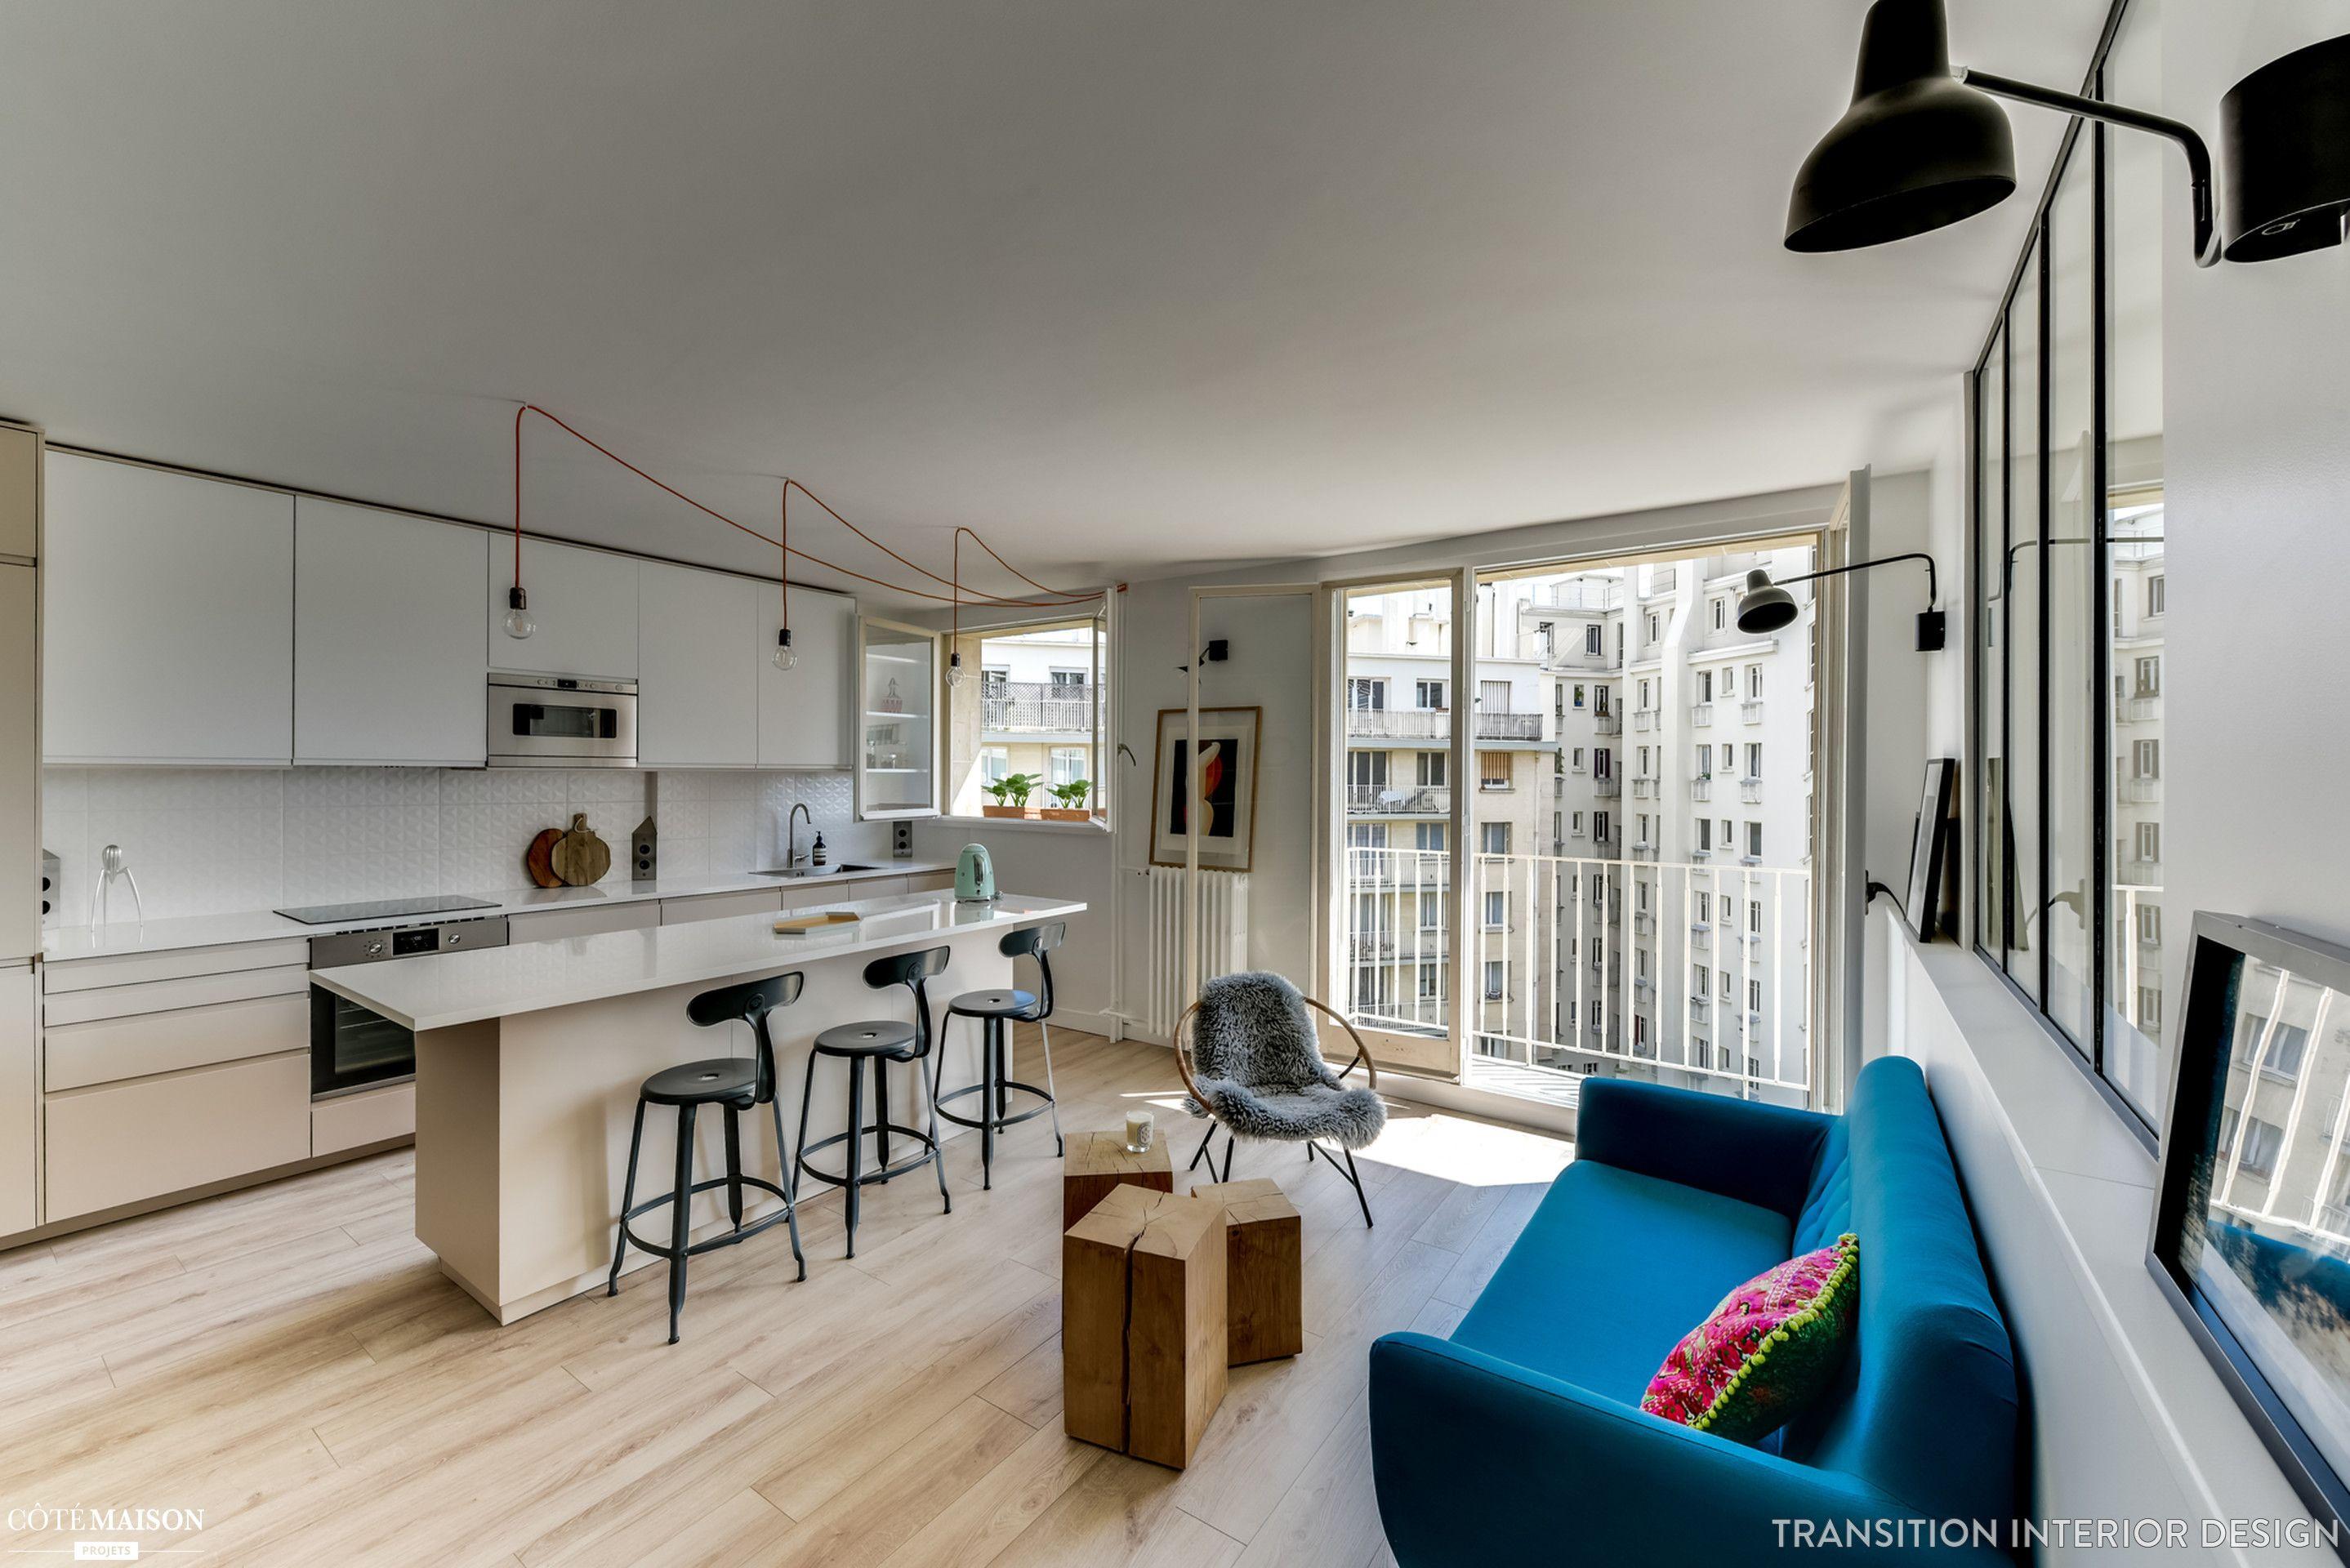 Appartement de 46 m2 paris boulogne billancourt - Architecte interieur paris petite surface ...